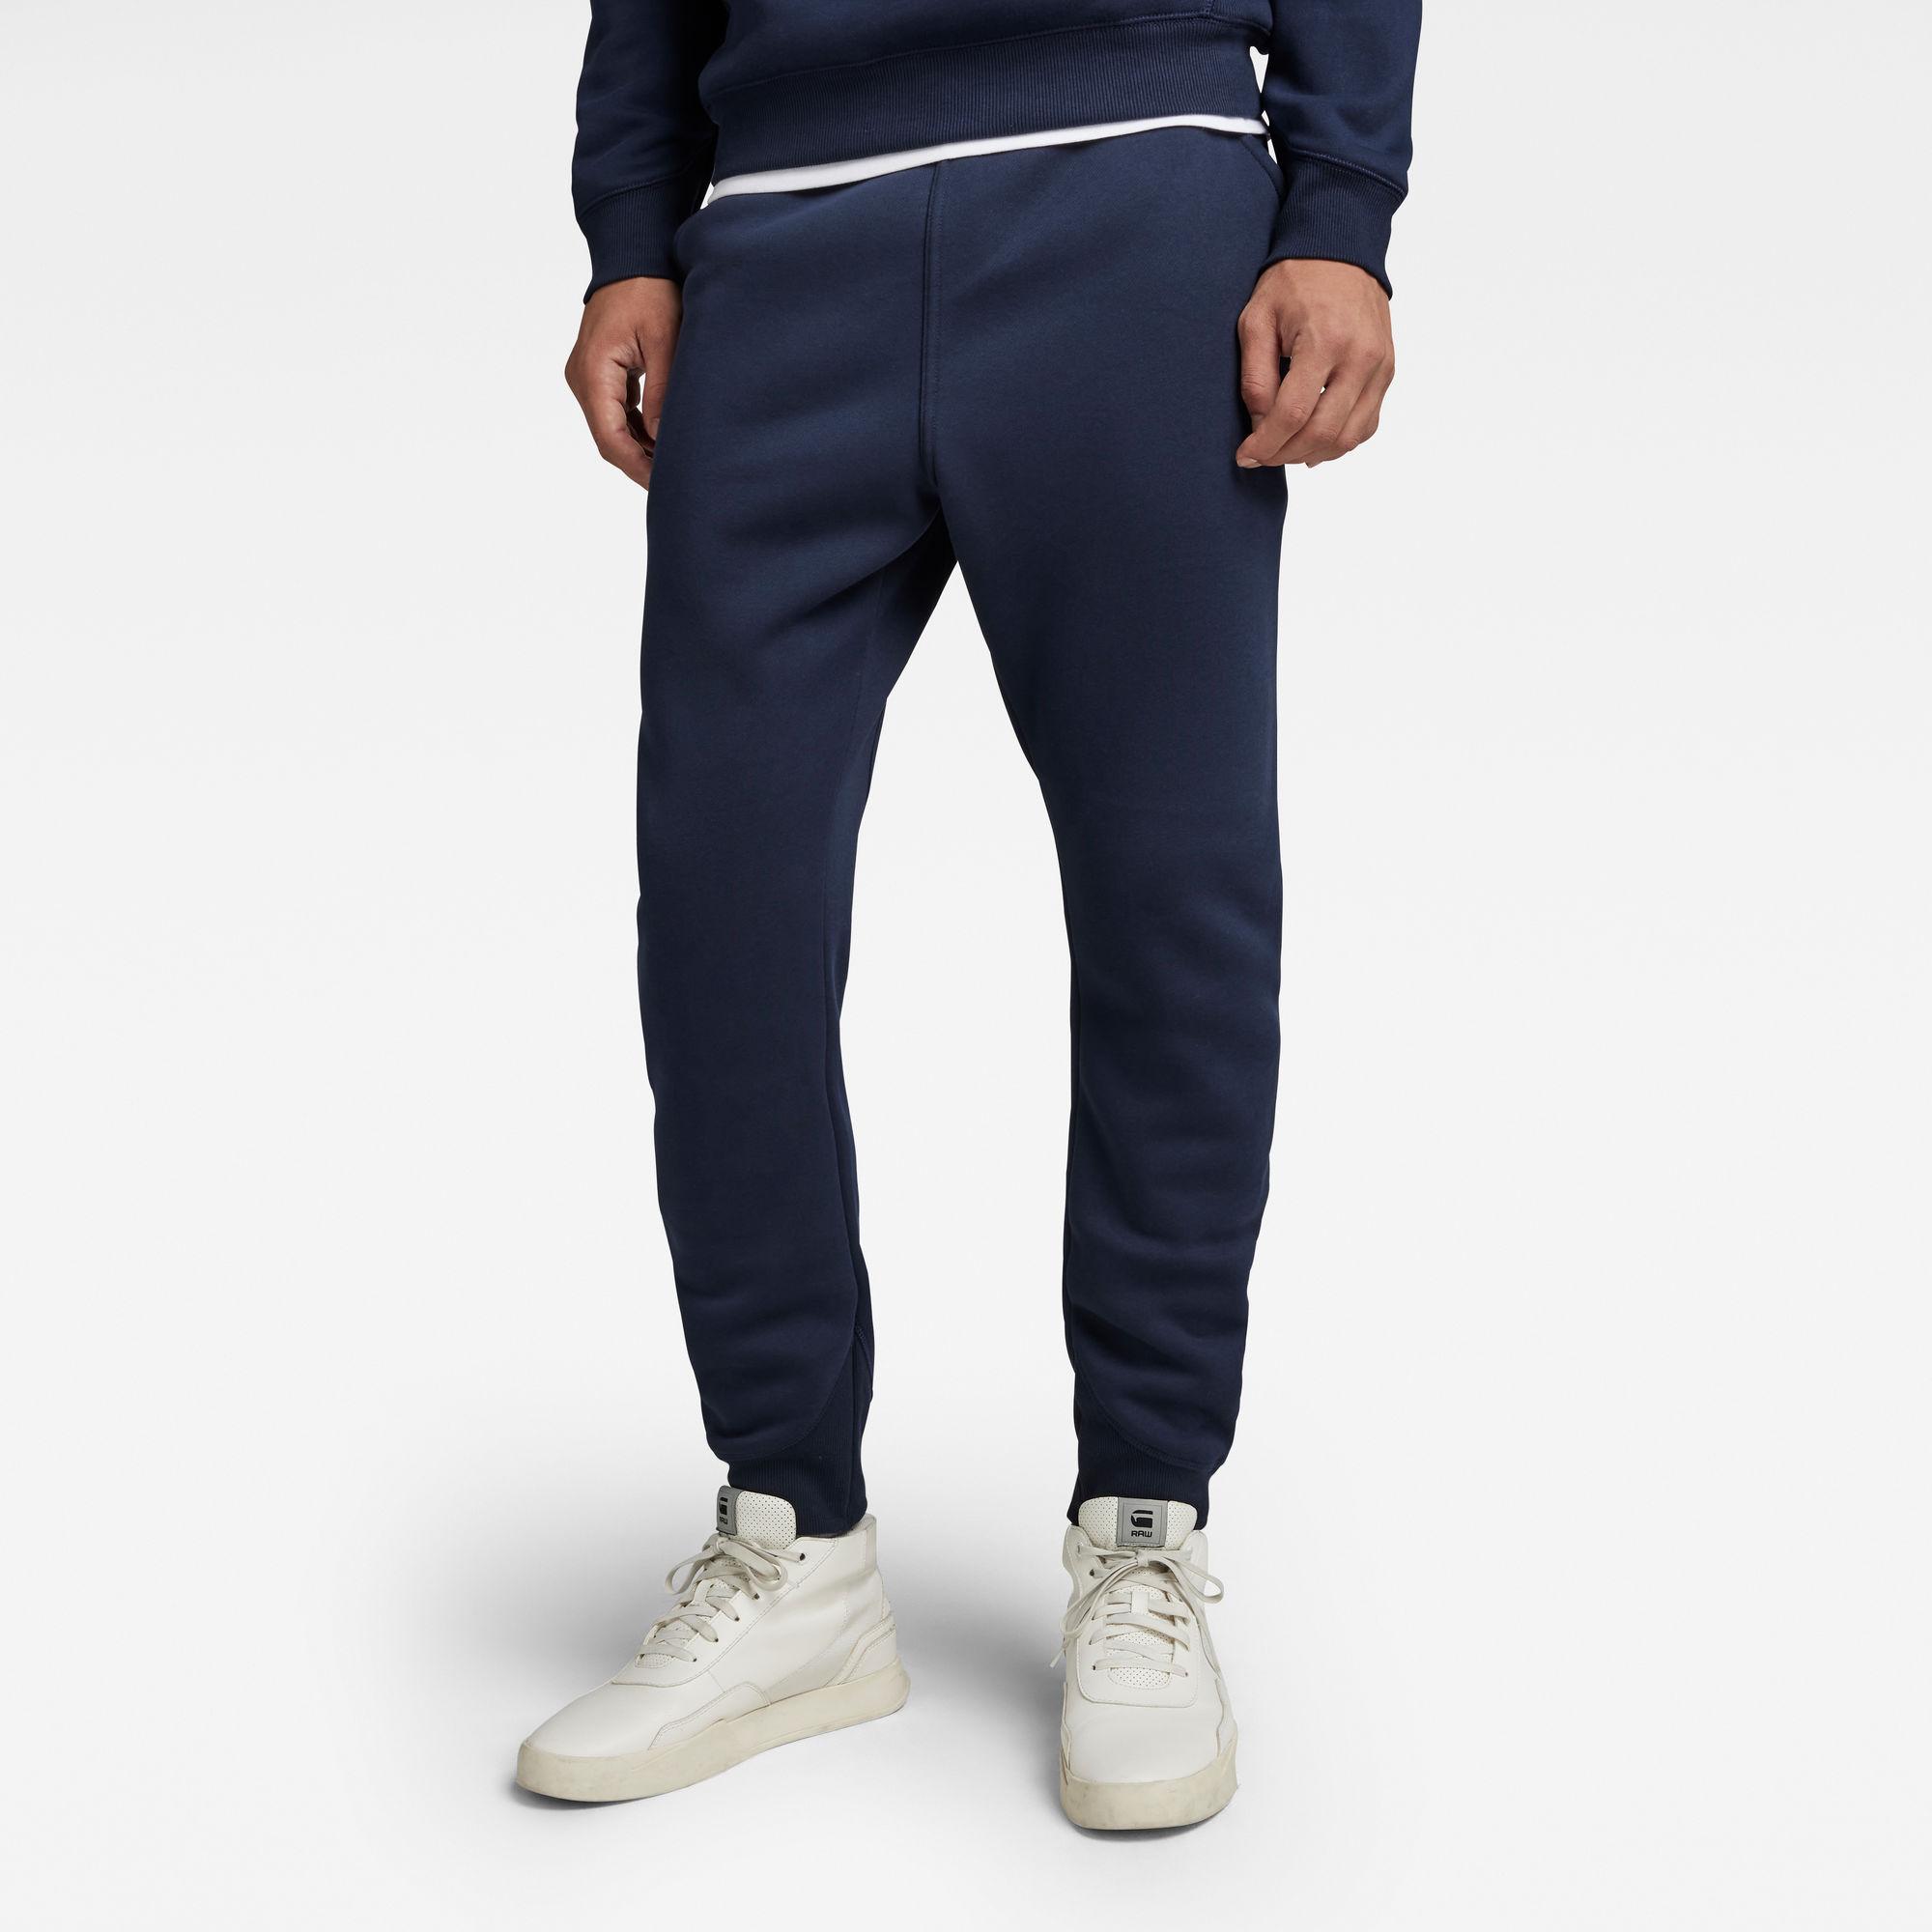 G-Star RAW Heren Premium Core Type C Sweatpants Donkerblauw